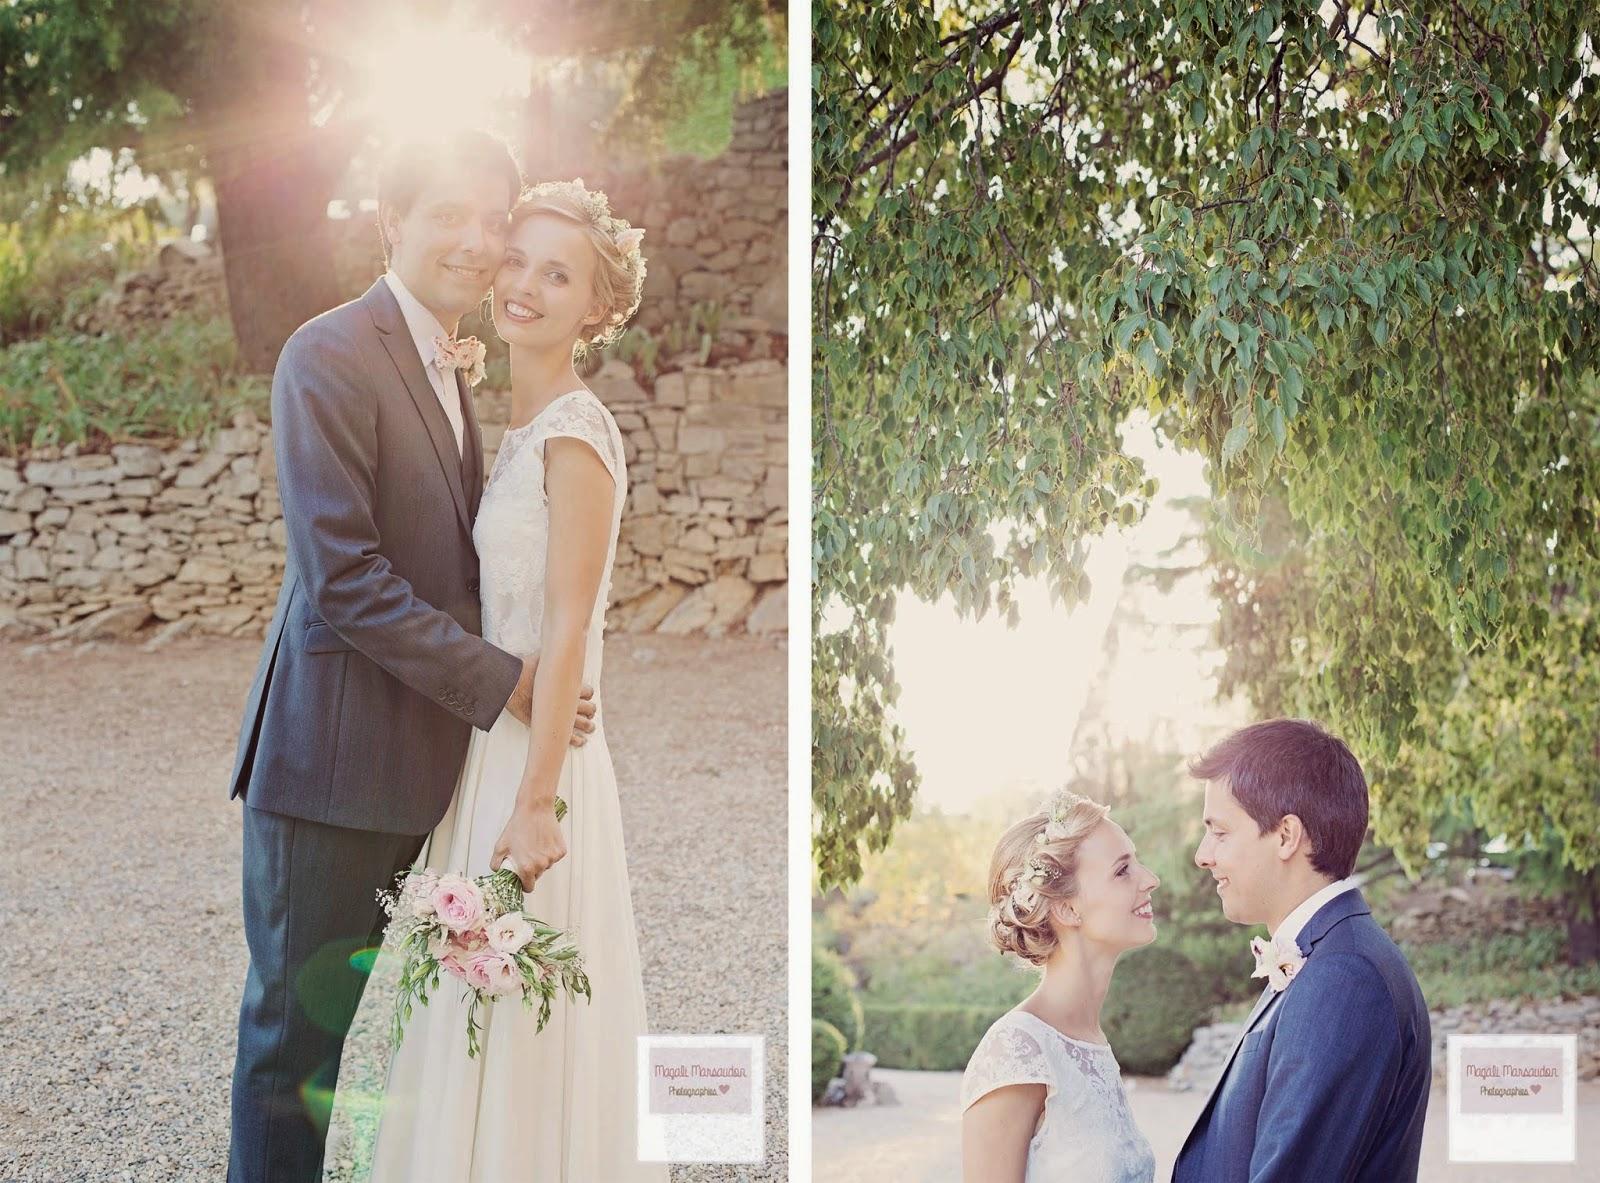 Les Moineaux De La Mariée les moineaux de la mariée: {vrai mariage} sophie & julien